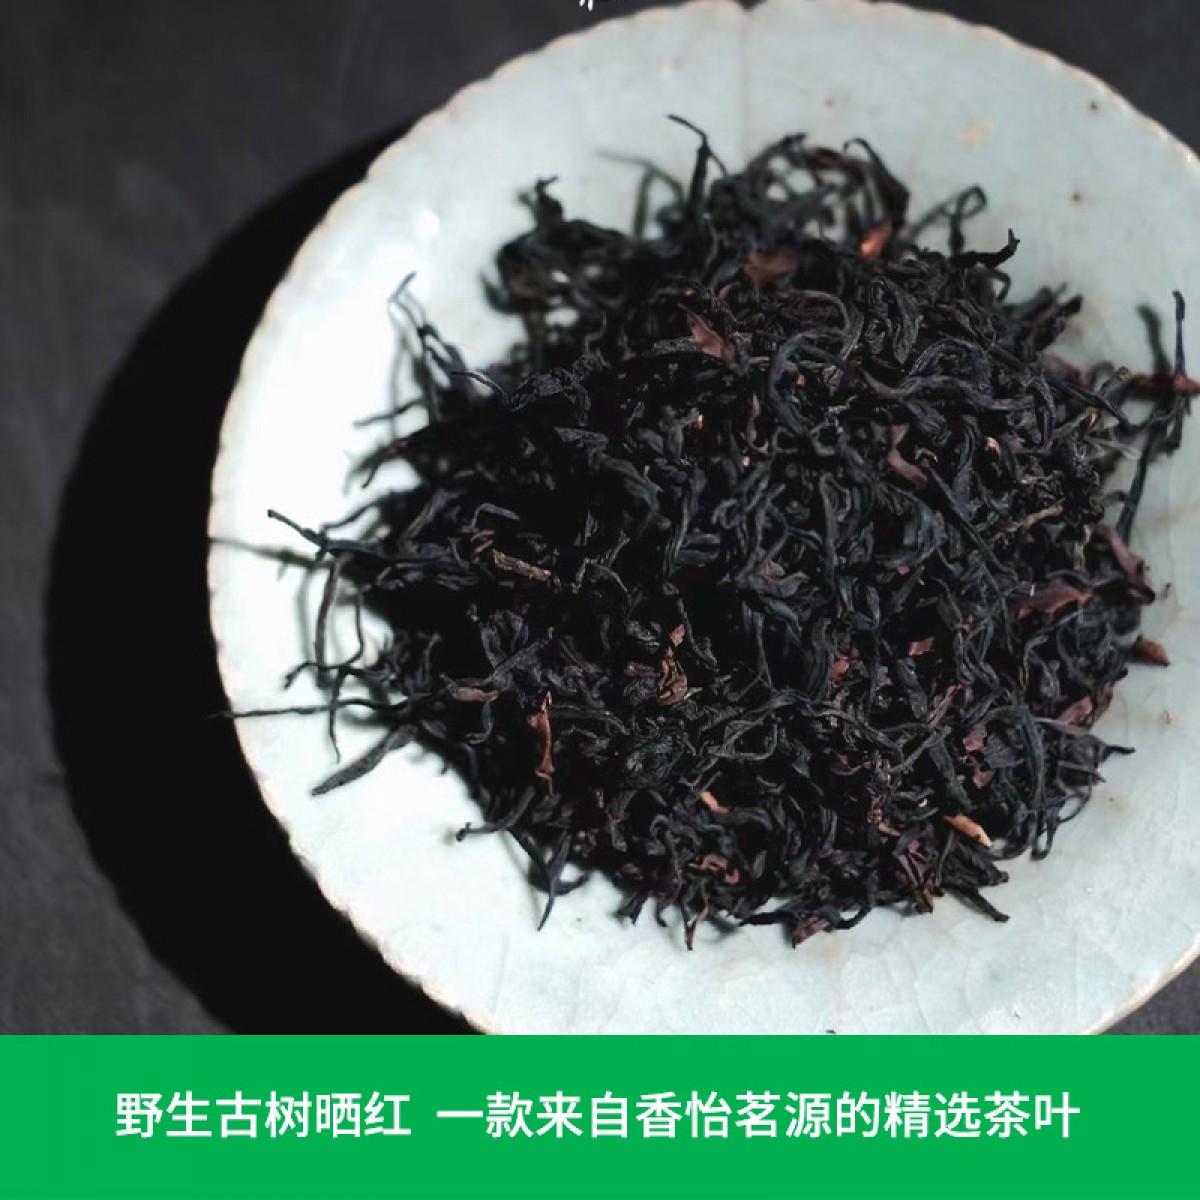 61_【红茶】野生云南古树晒红2019年(100g、200g、500g随意选)